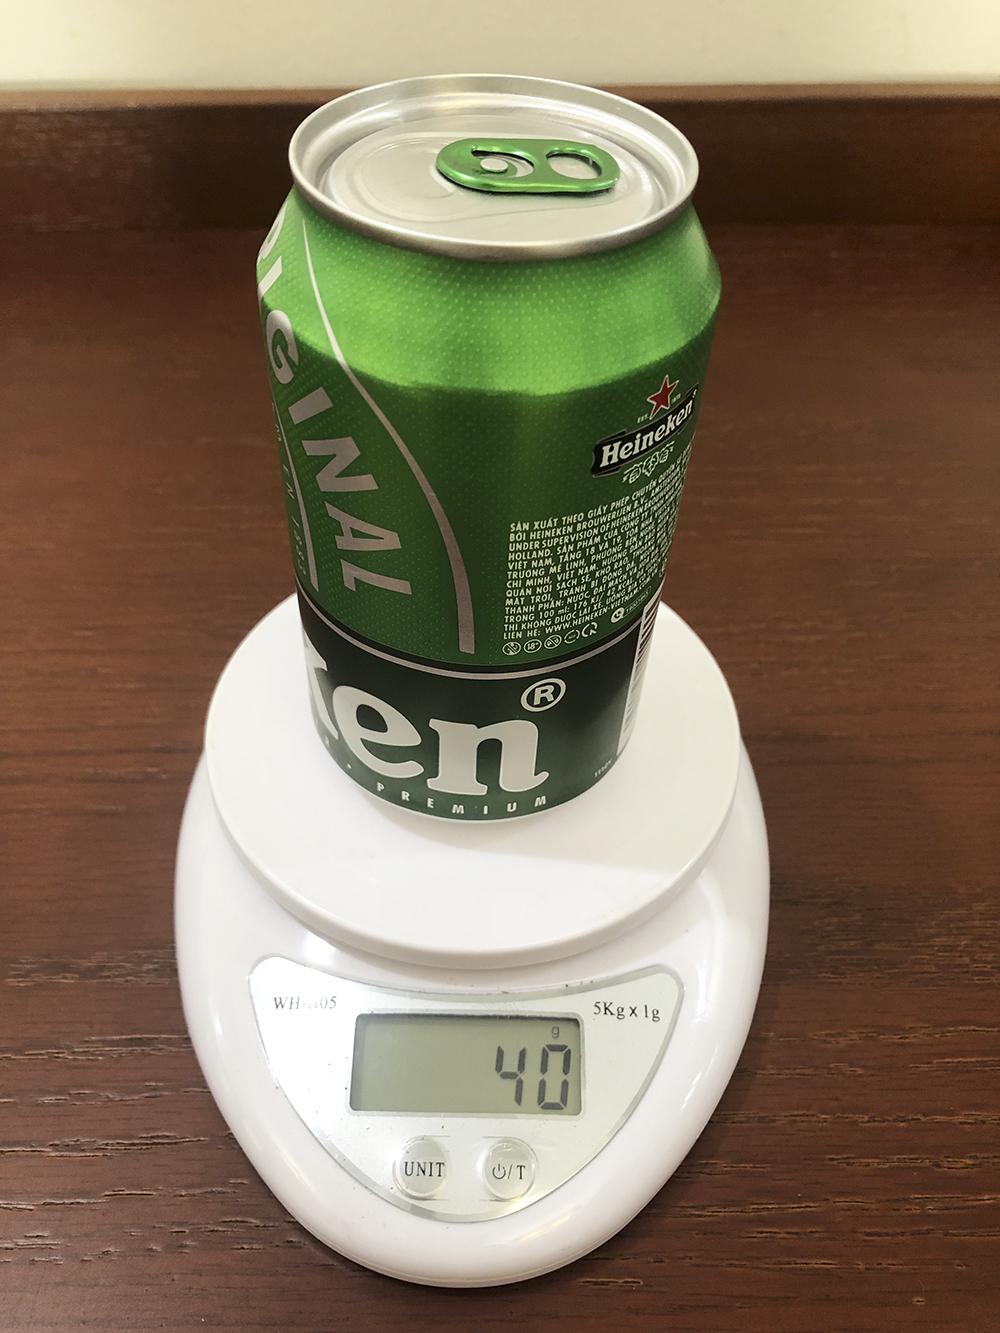 Khách hàng 'tố' lon bia Heineken 'bị lỗi' - Ảnh 1